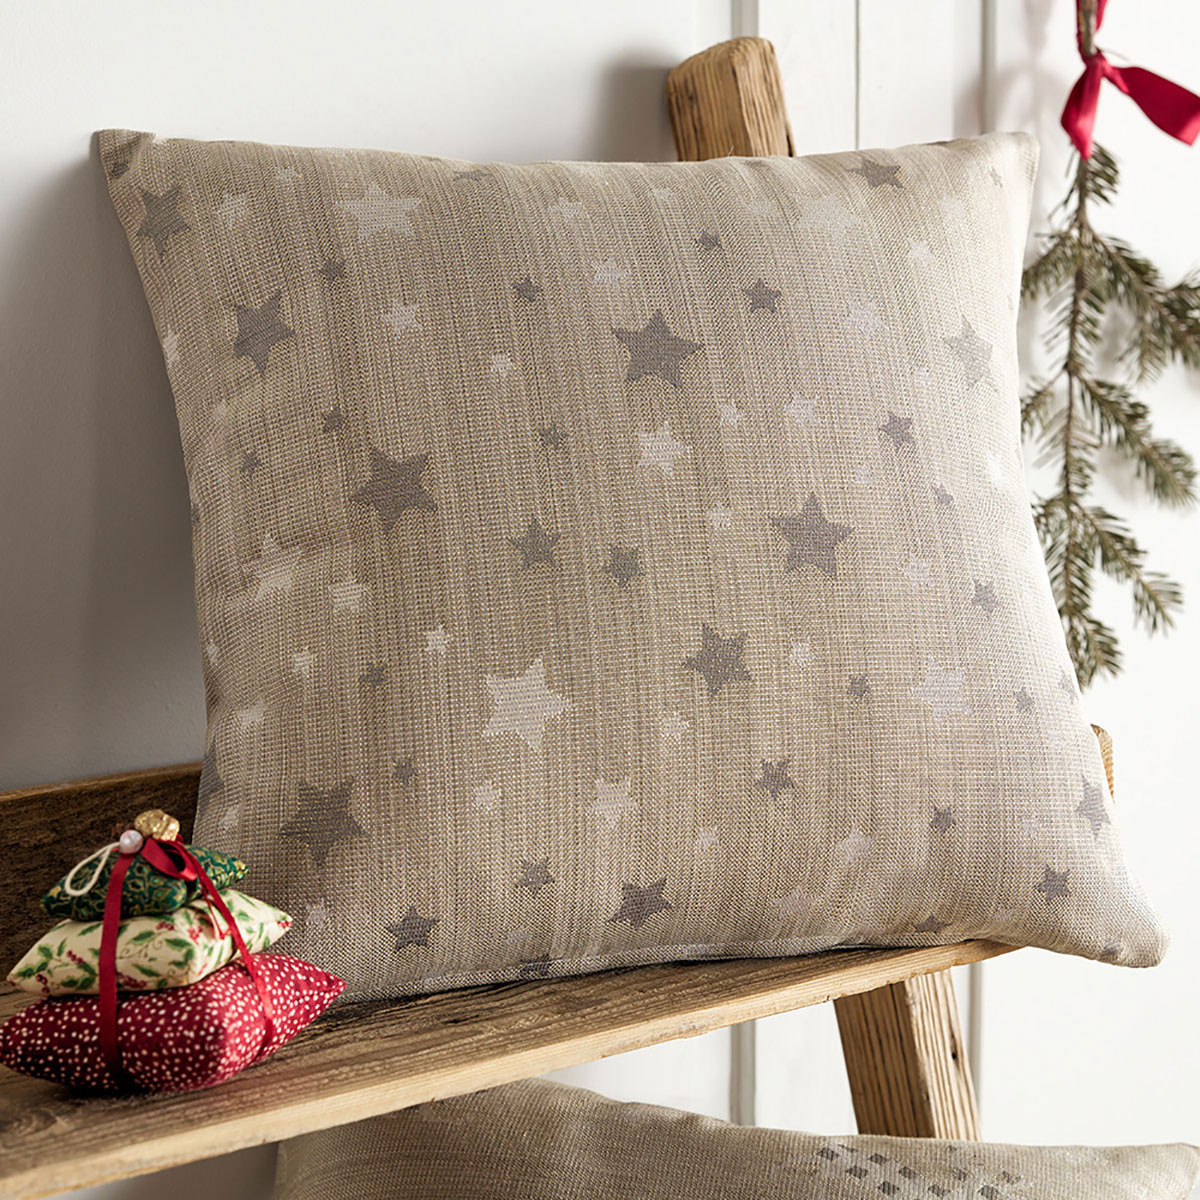 Χριστουγεννιάτικη Μαξιλαροθήκη (43×43) Gofis Home 901/04